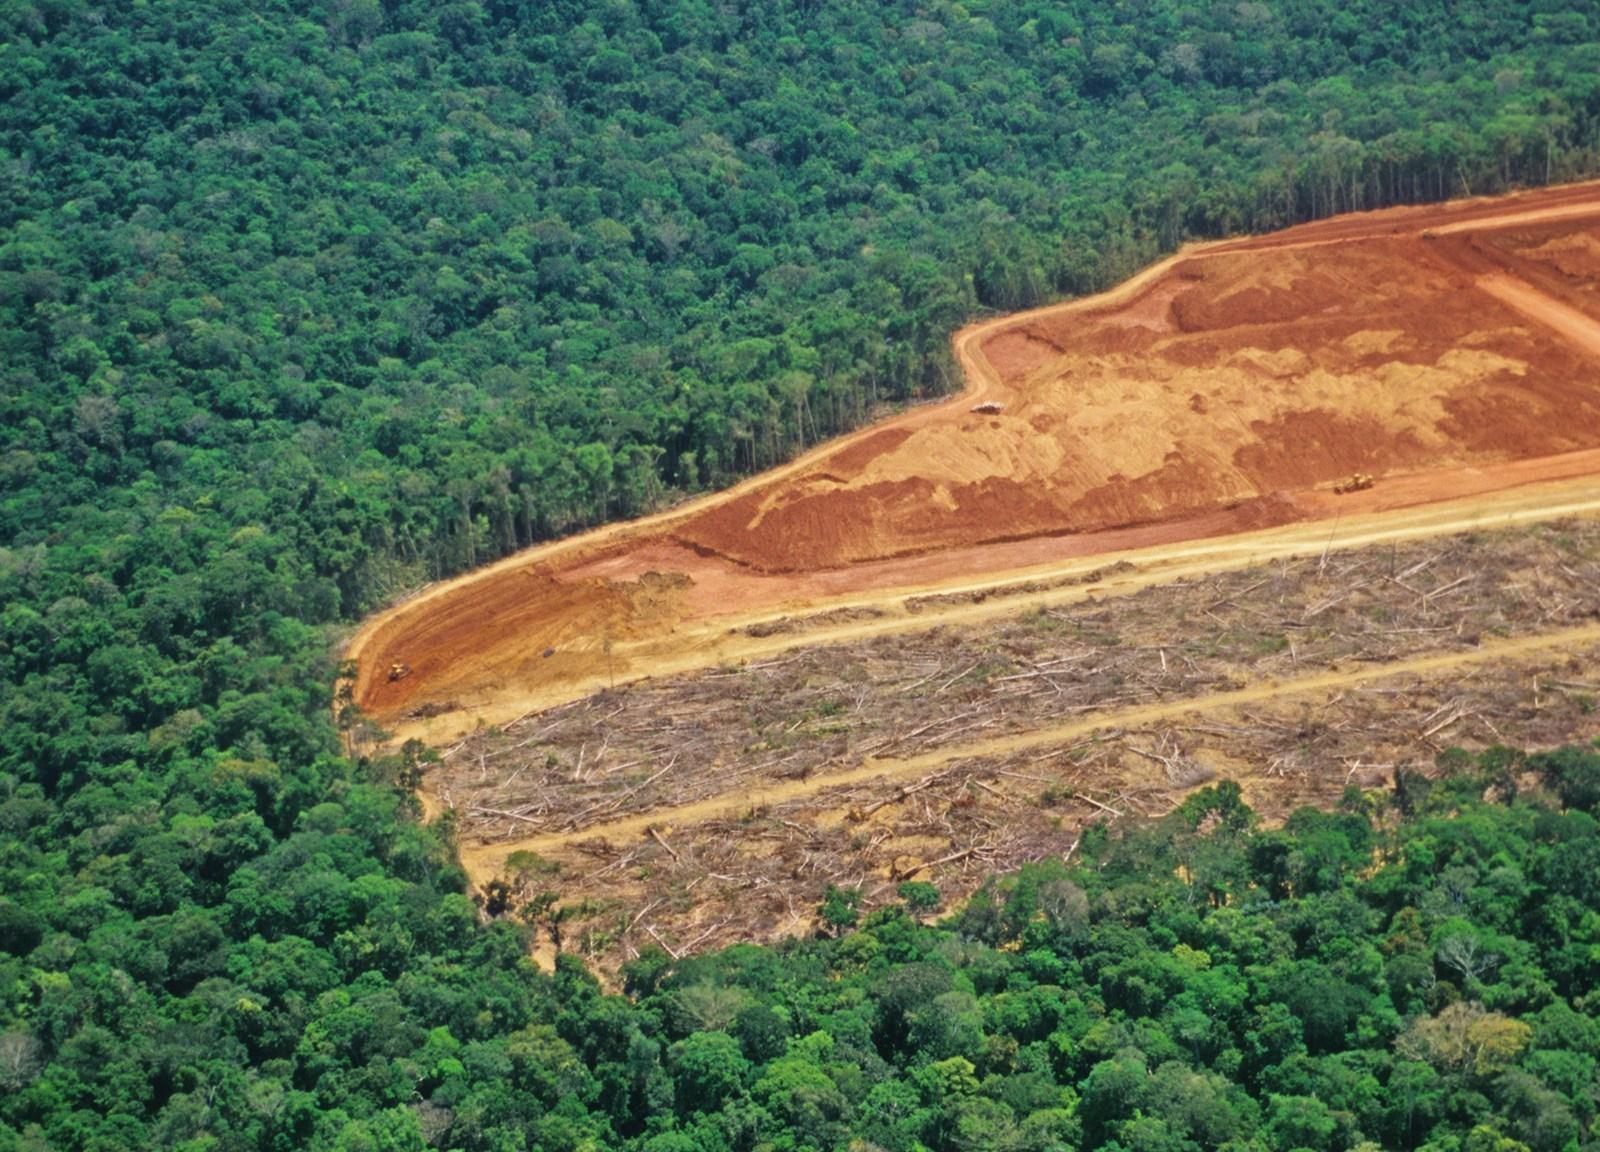 Gli incendi della foresta amazzonica e la deforestazione. Cosa possiamo fare di concreto?